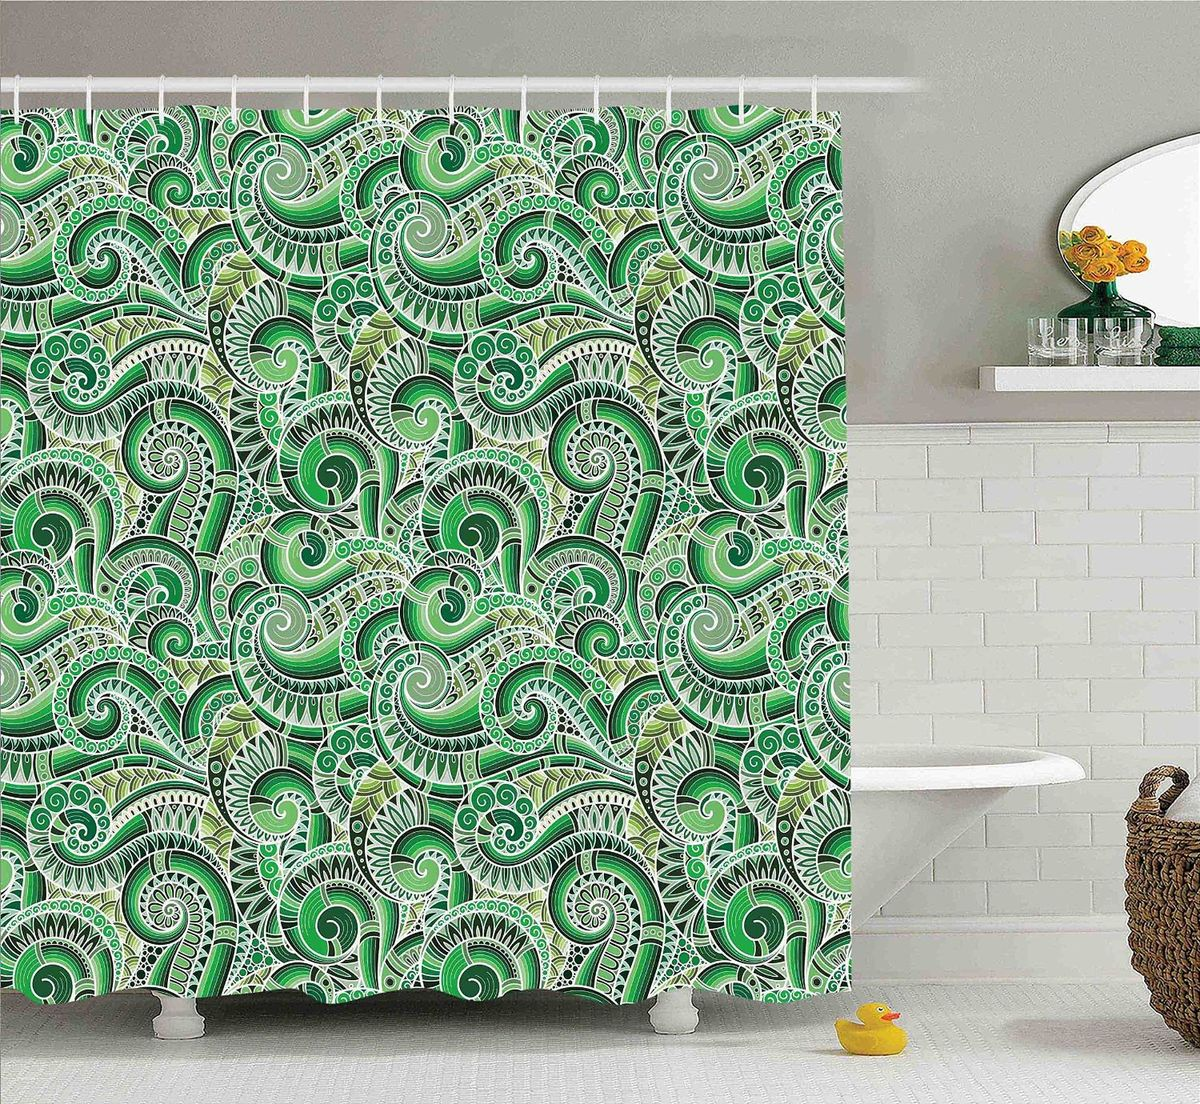 Штора для ванной комнаты Magic Lady Зеленые узоры, 180 х 200 смшв_12180Штора Magic Lady Зеленые узоры, изготовленная из высококачественного сатена (полиэстер 100%), отлично дополнит любой интерьер ванной комнаты. При изготовлении используются специальные гипоаллергенные чернила для прямой печати по ткани, безопасные для человека.В комплекте: 1 штора, 12 крючков. Обращаем ваше внимание, фактический цвет изделия может незначительно отличаться от представленного на фото.